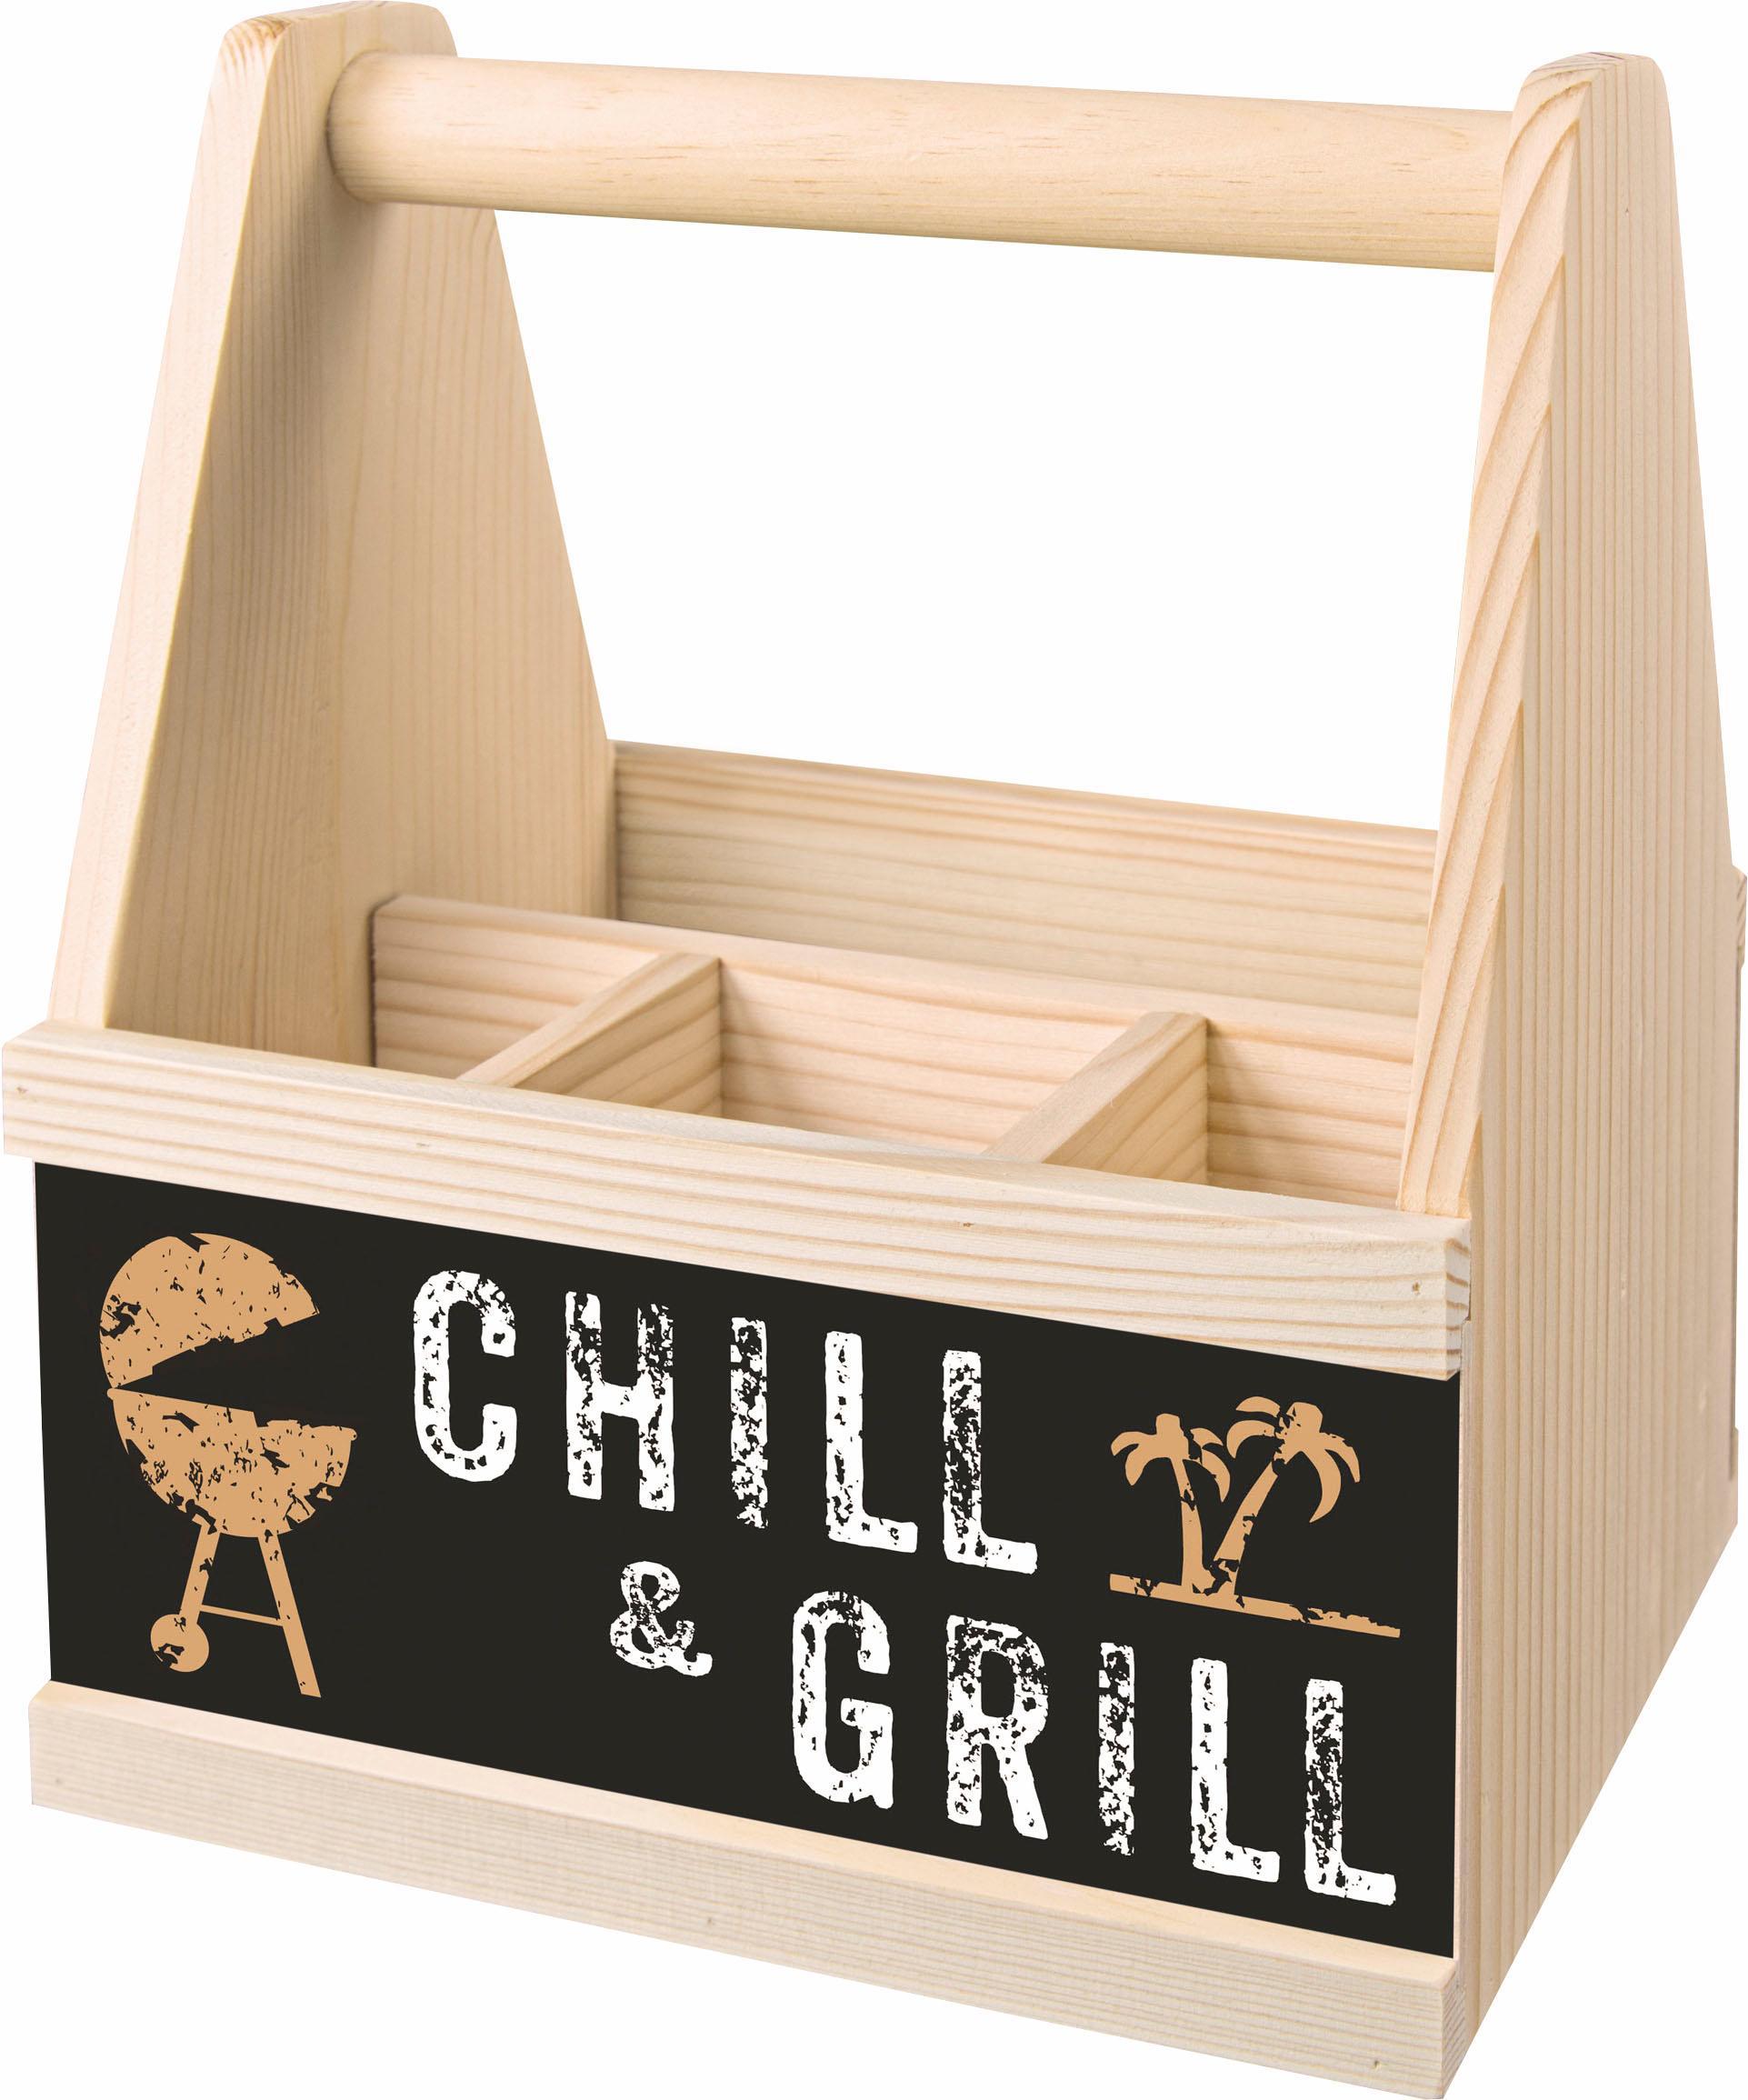 Contento Besteckträger Chill & Grill beige Küchen-Ordnungshelfer Küchenhelfer Küche